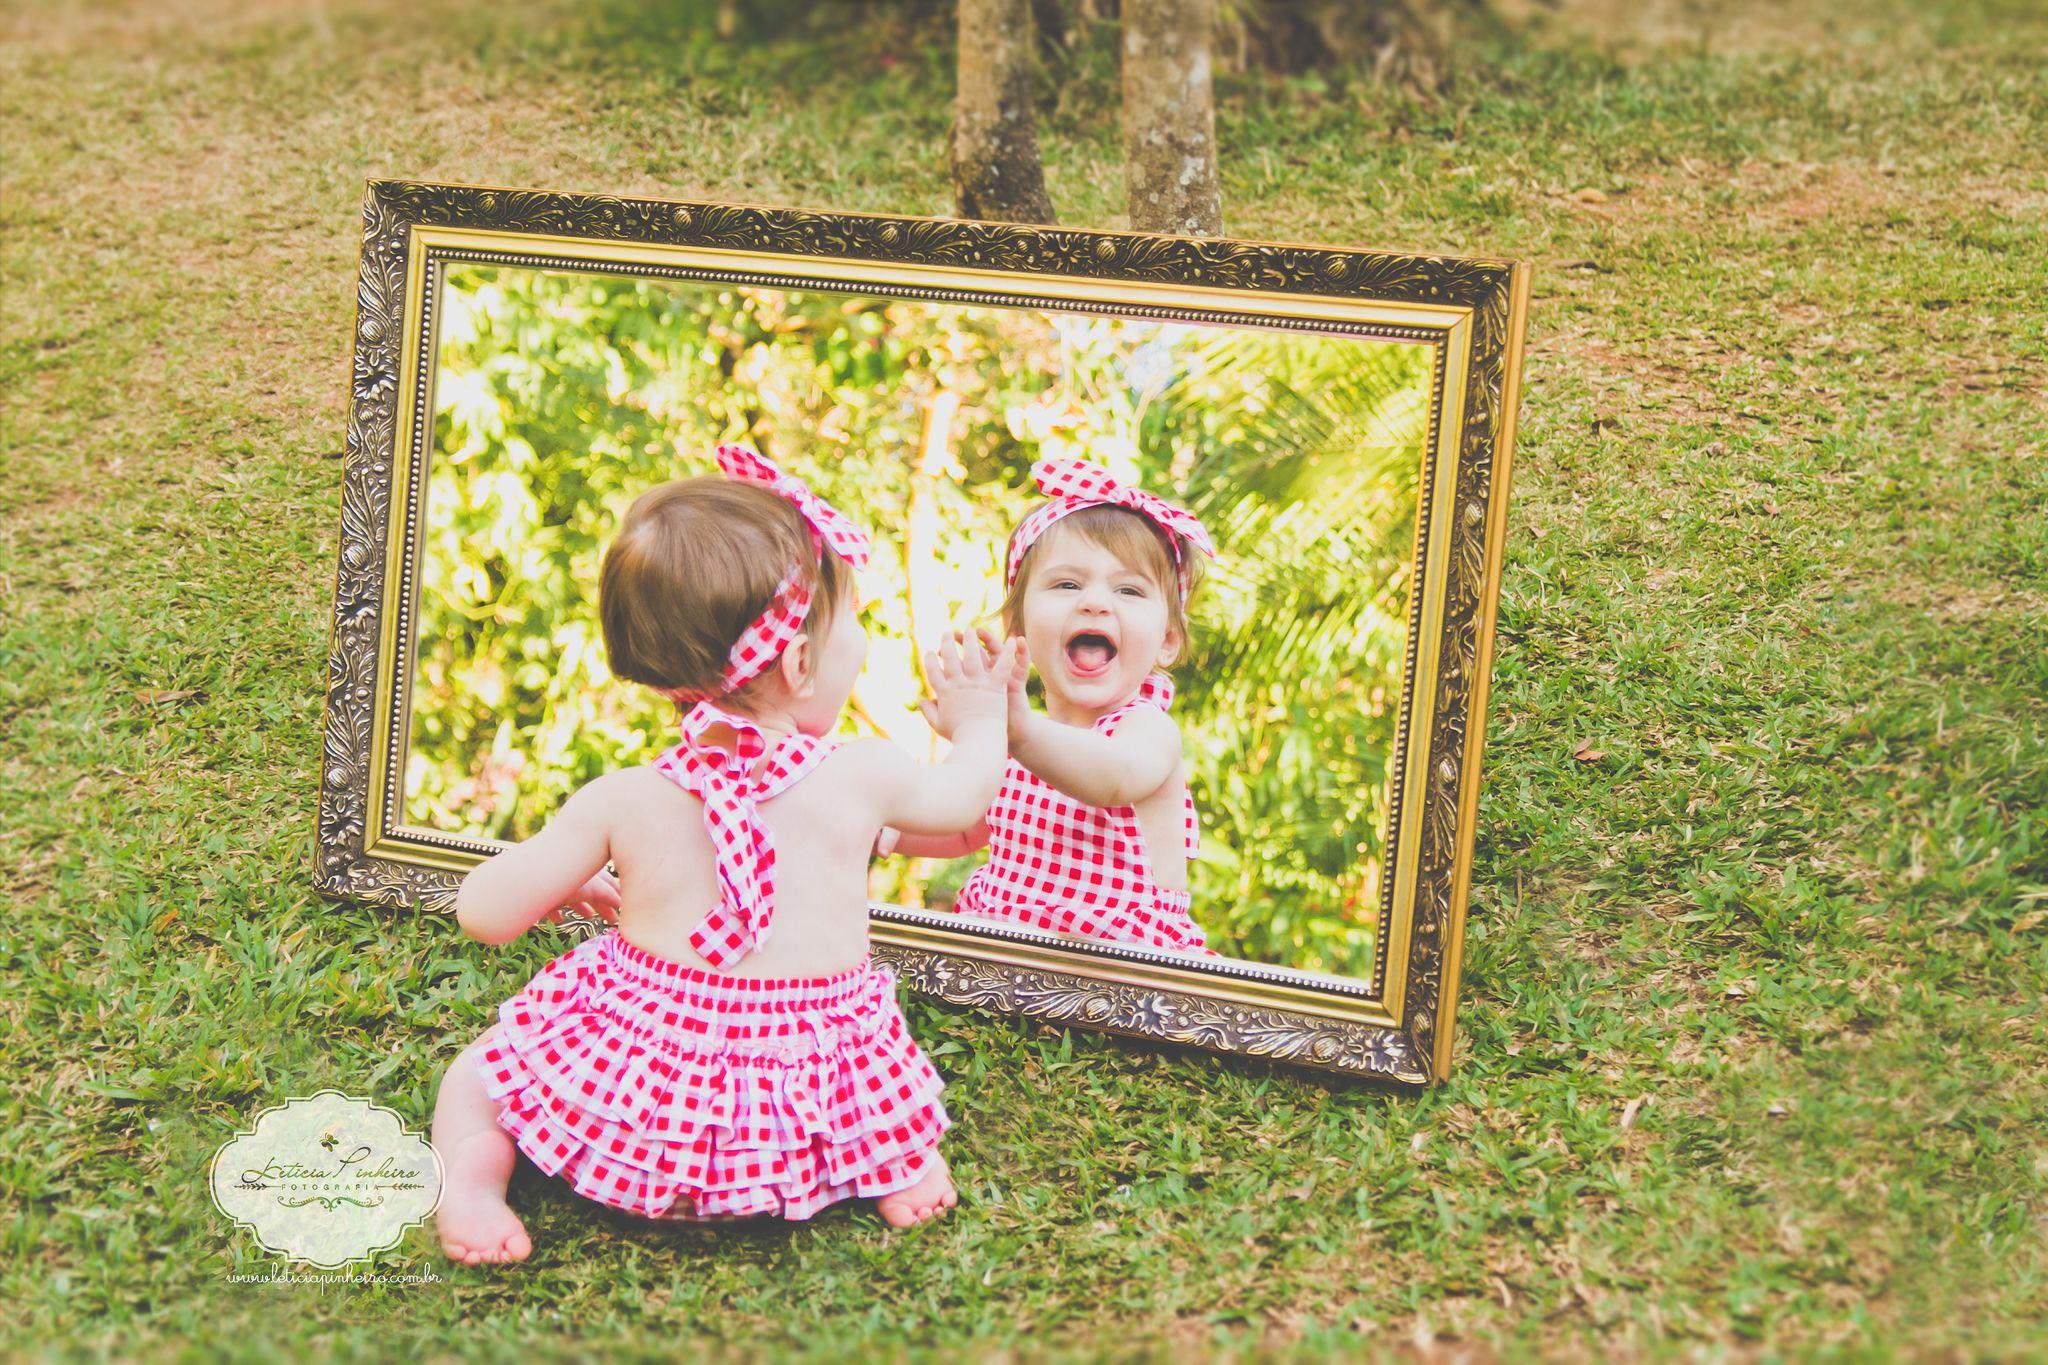 Ensaio Infantil  #espelho #ensaioinfantil #Kids #Babyphoto  www.leticpinheiro.com.br